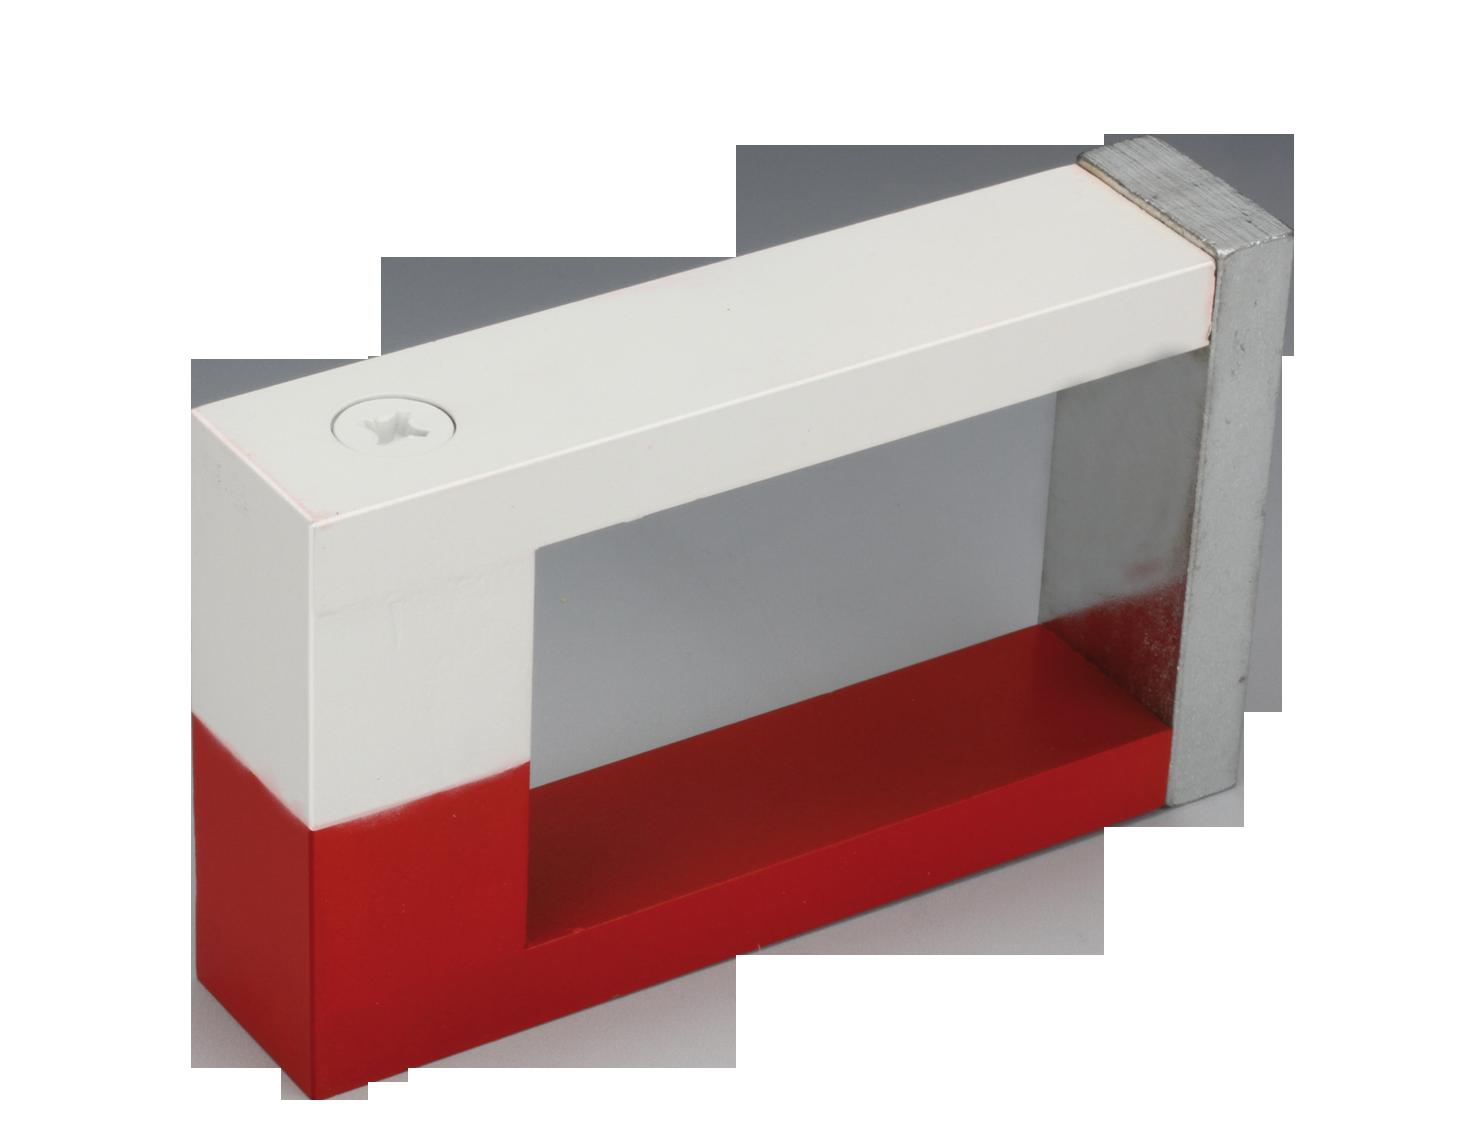 一块磁化的铝镍钴块马蹄形磁铁(又称u形磁铁),两个极性有不同的颜色